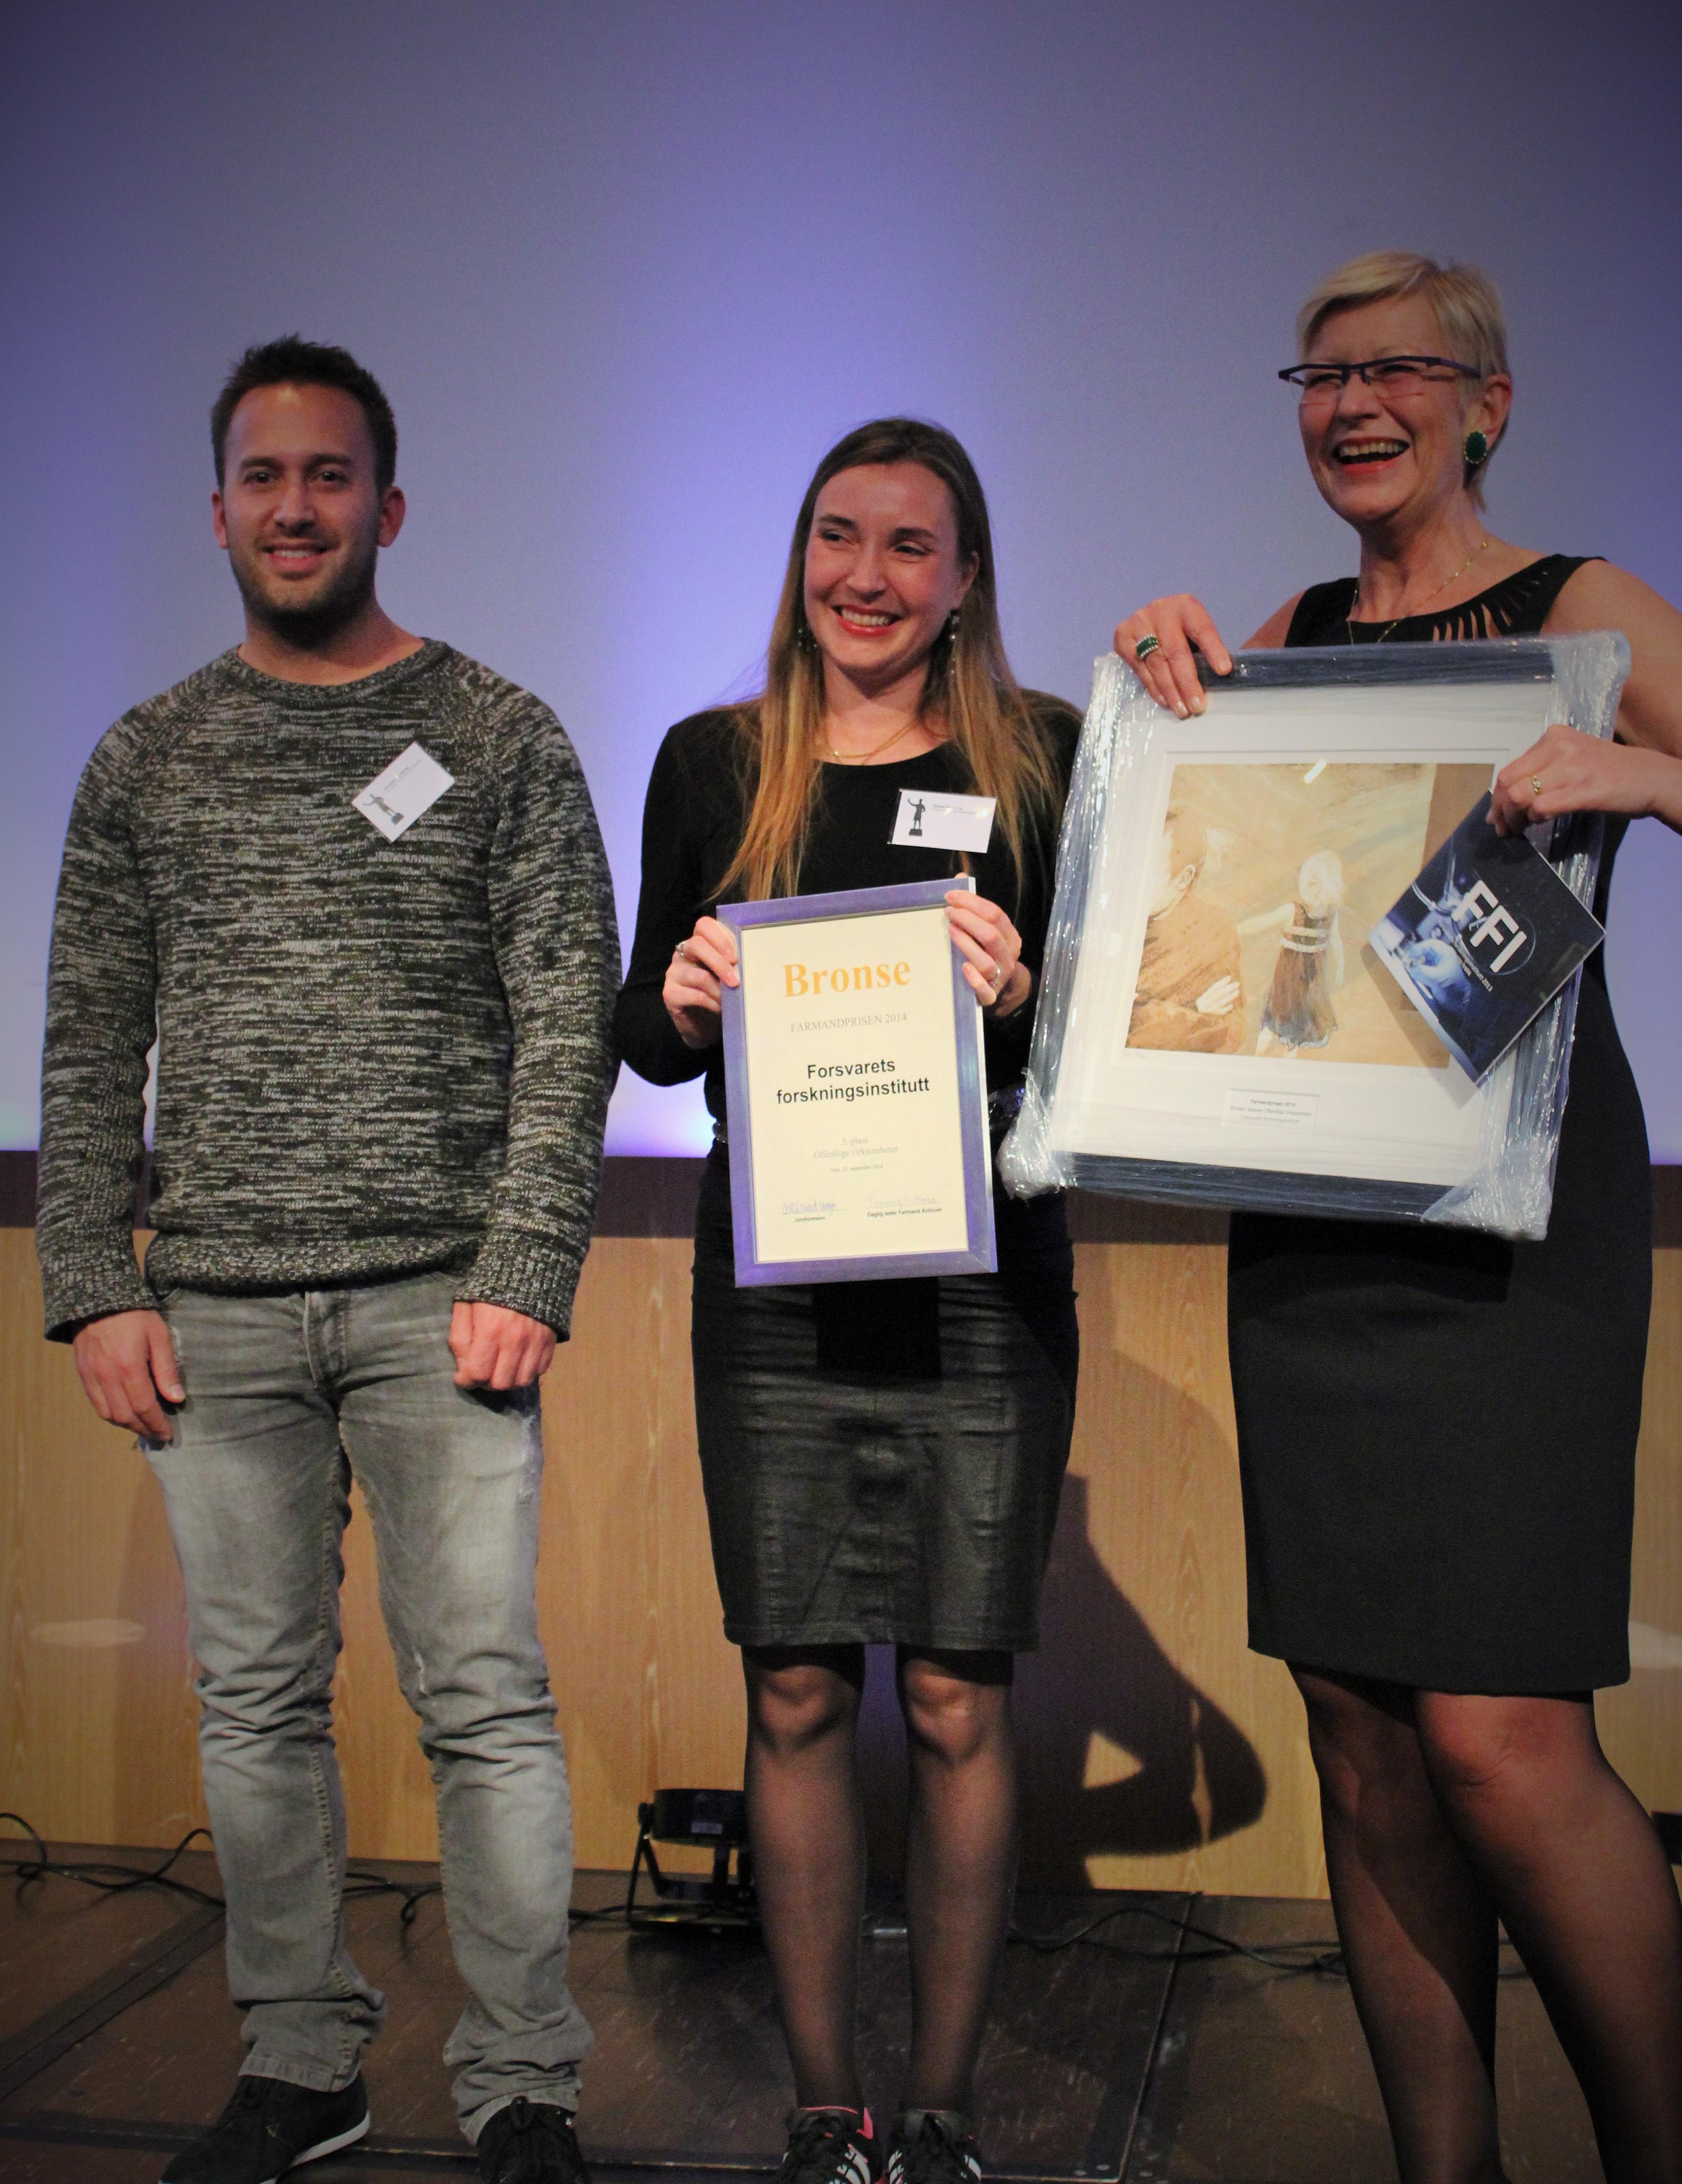 Farmandprisen Beste Årsrapport 2014 - Offentlige virksomheter nr 3: Forsvarets forskninginstitutt